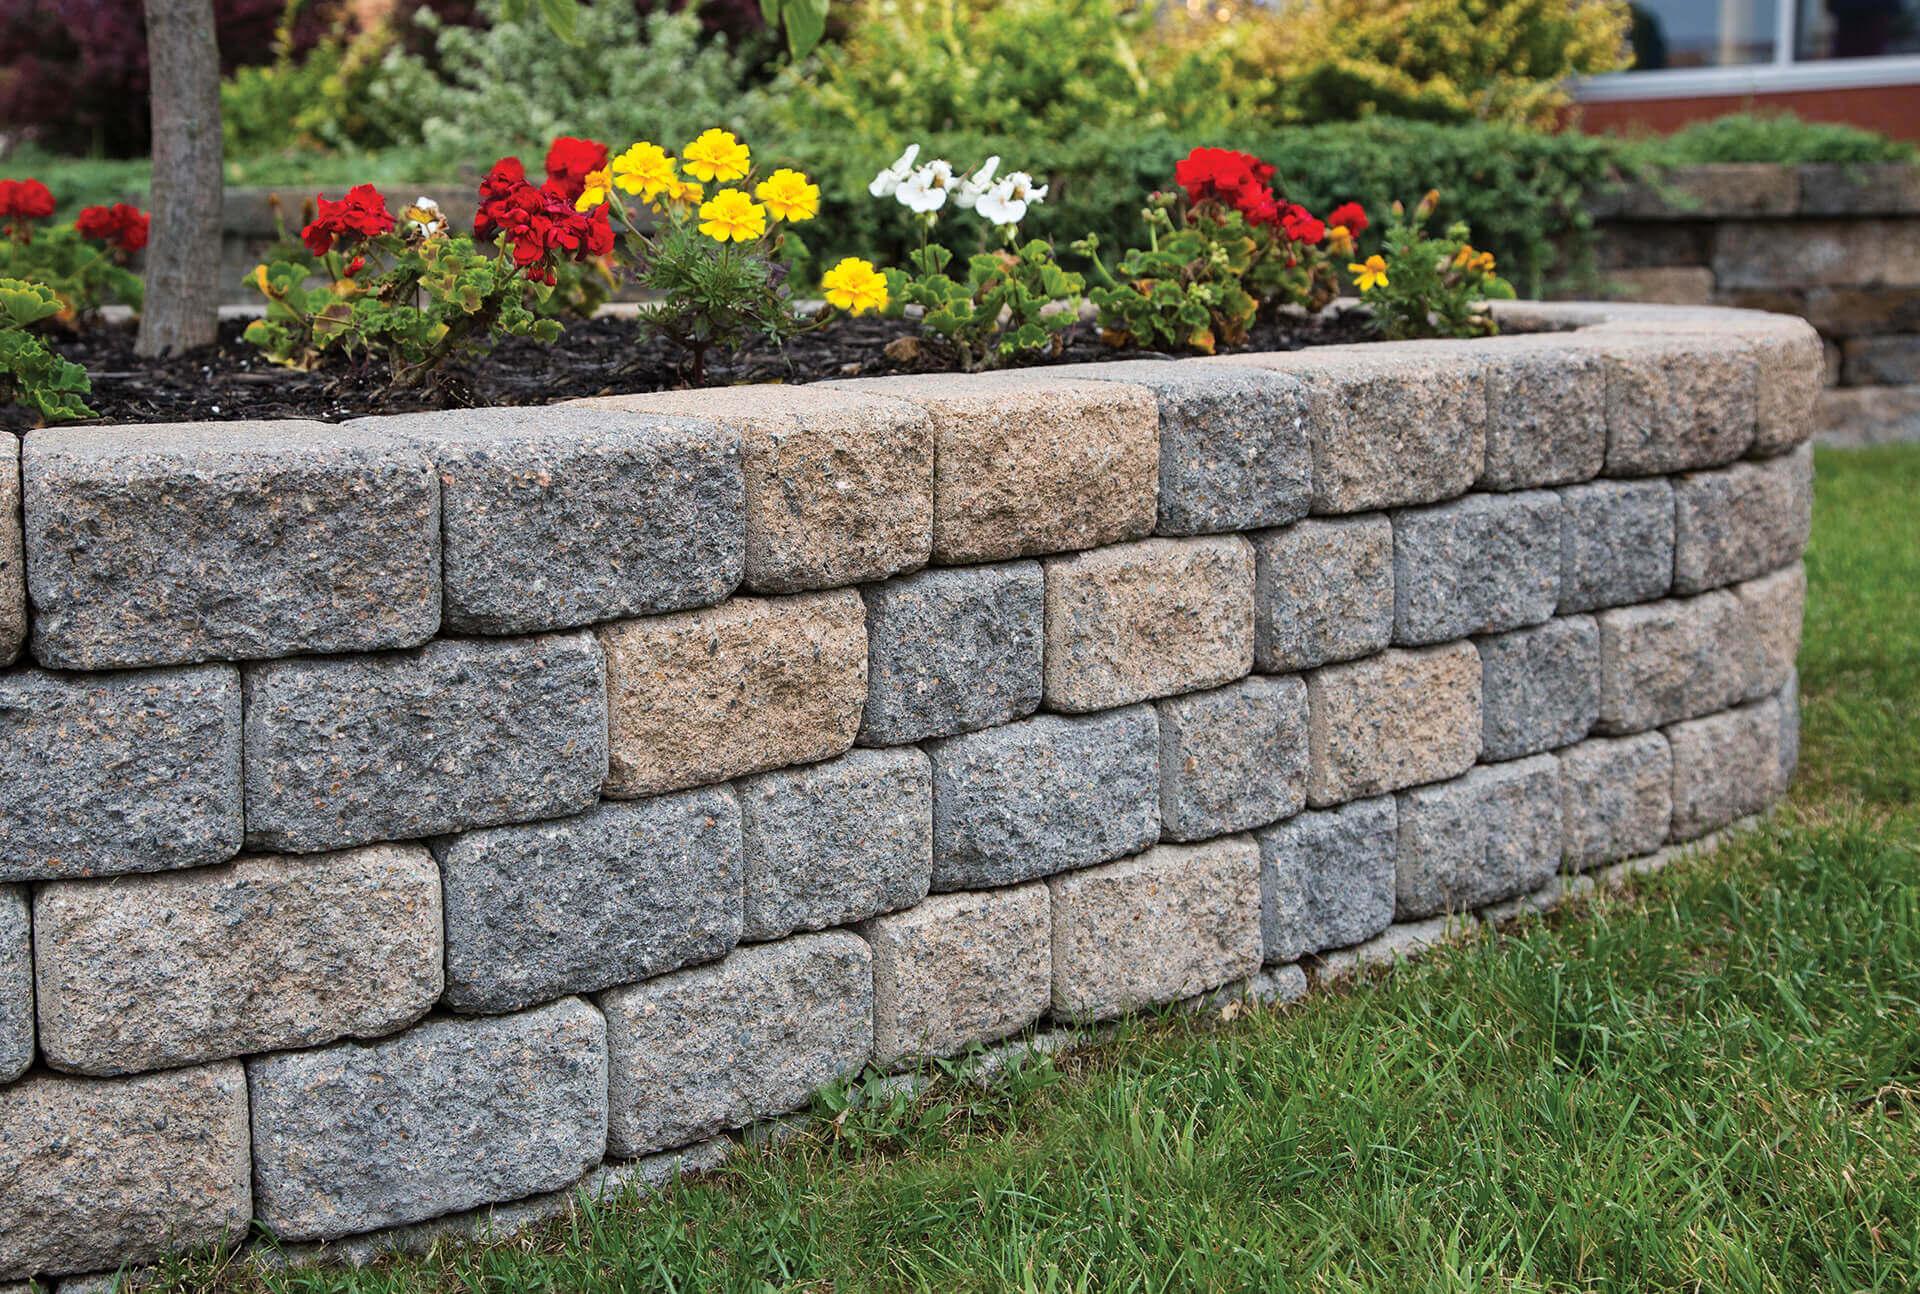 Comfortable Easy Steps Installing A Garden Wall Easy Steps Shaw Brick Easy Garden Walkways Easy Garden Wall Installing A Garden Wall garden Easy Garden Wall